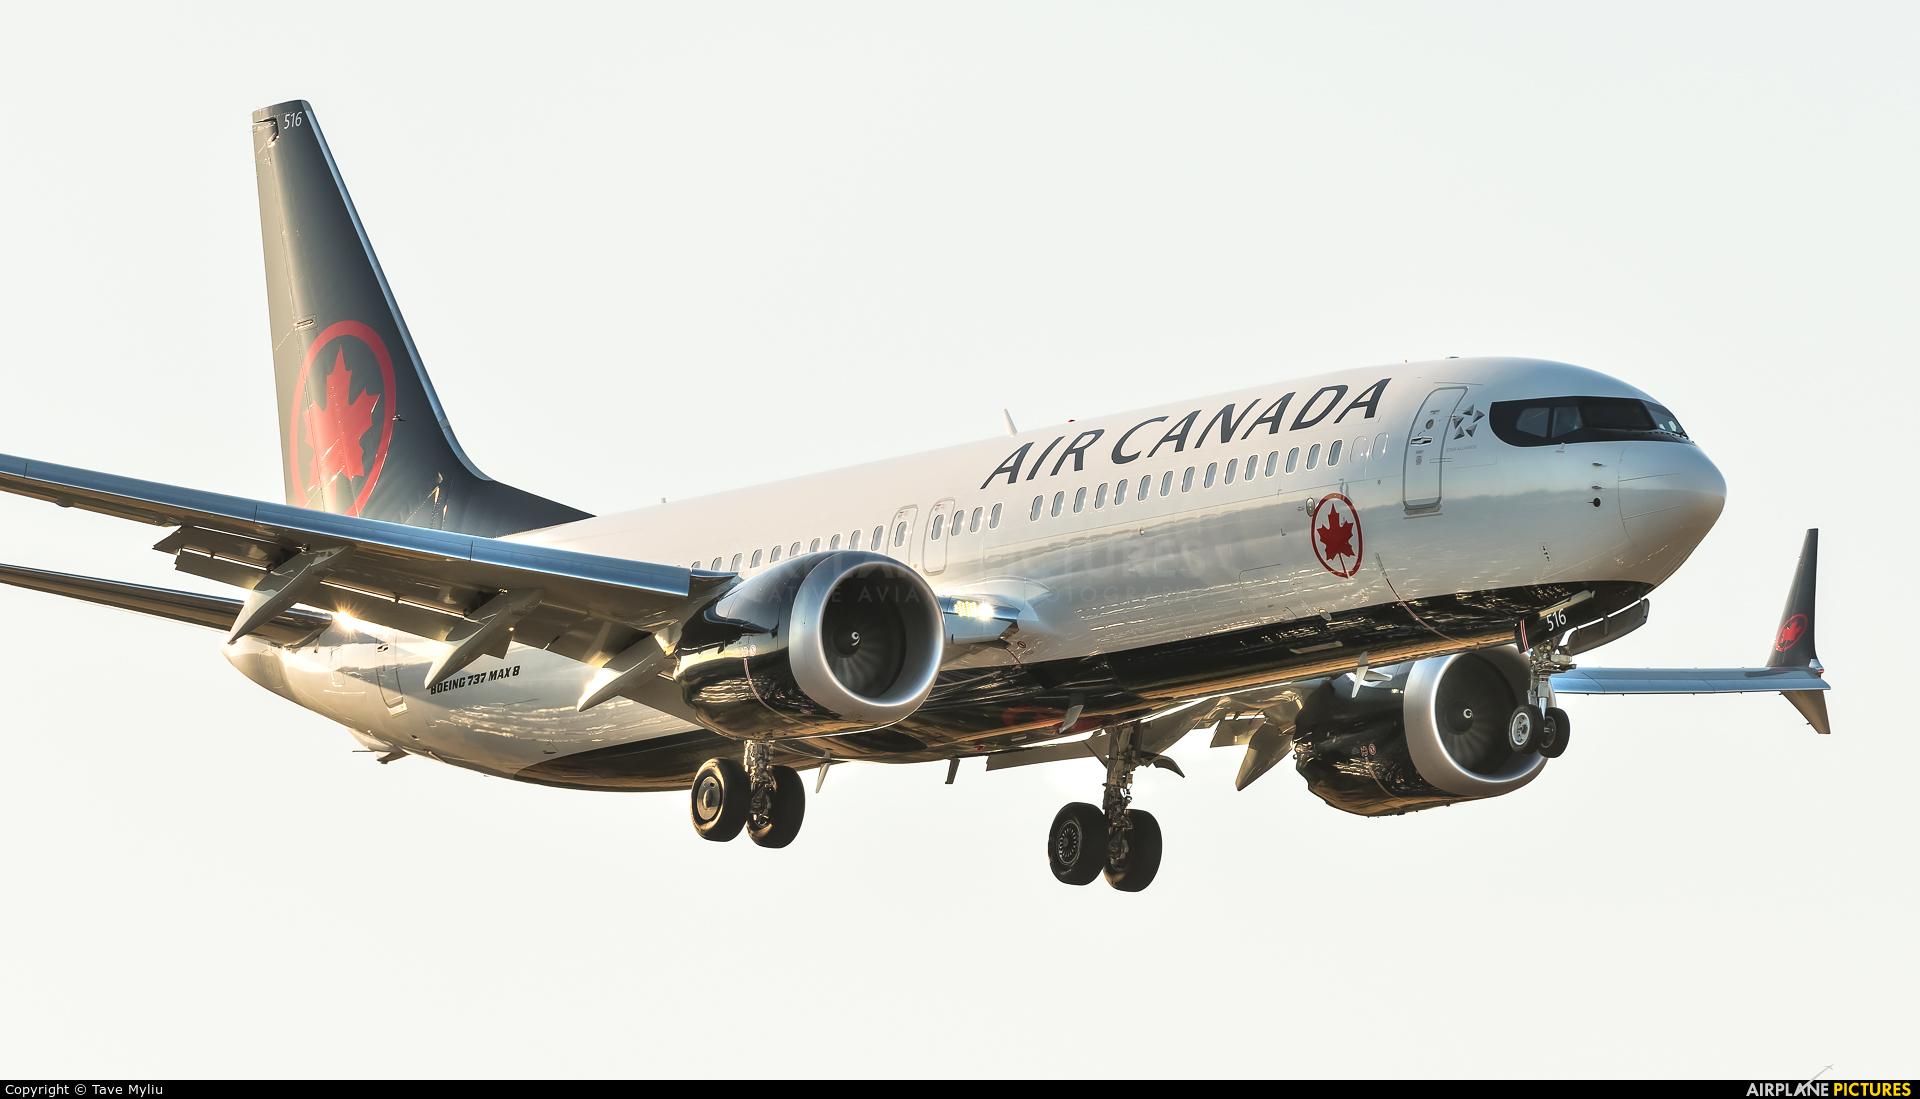 Air Canada C-FSNU aircraft at London - Heathrow